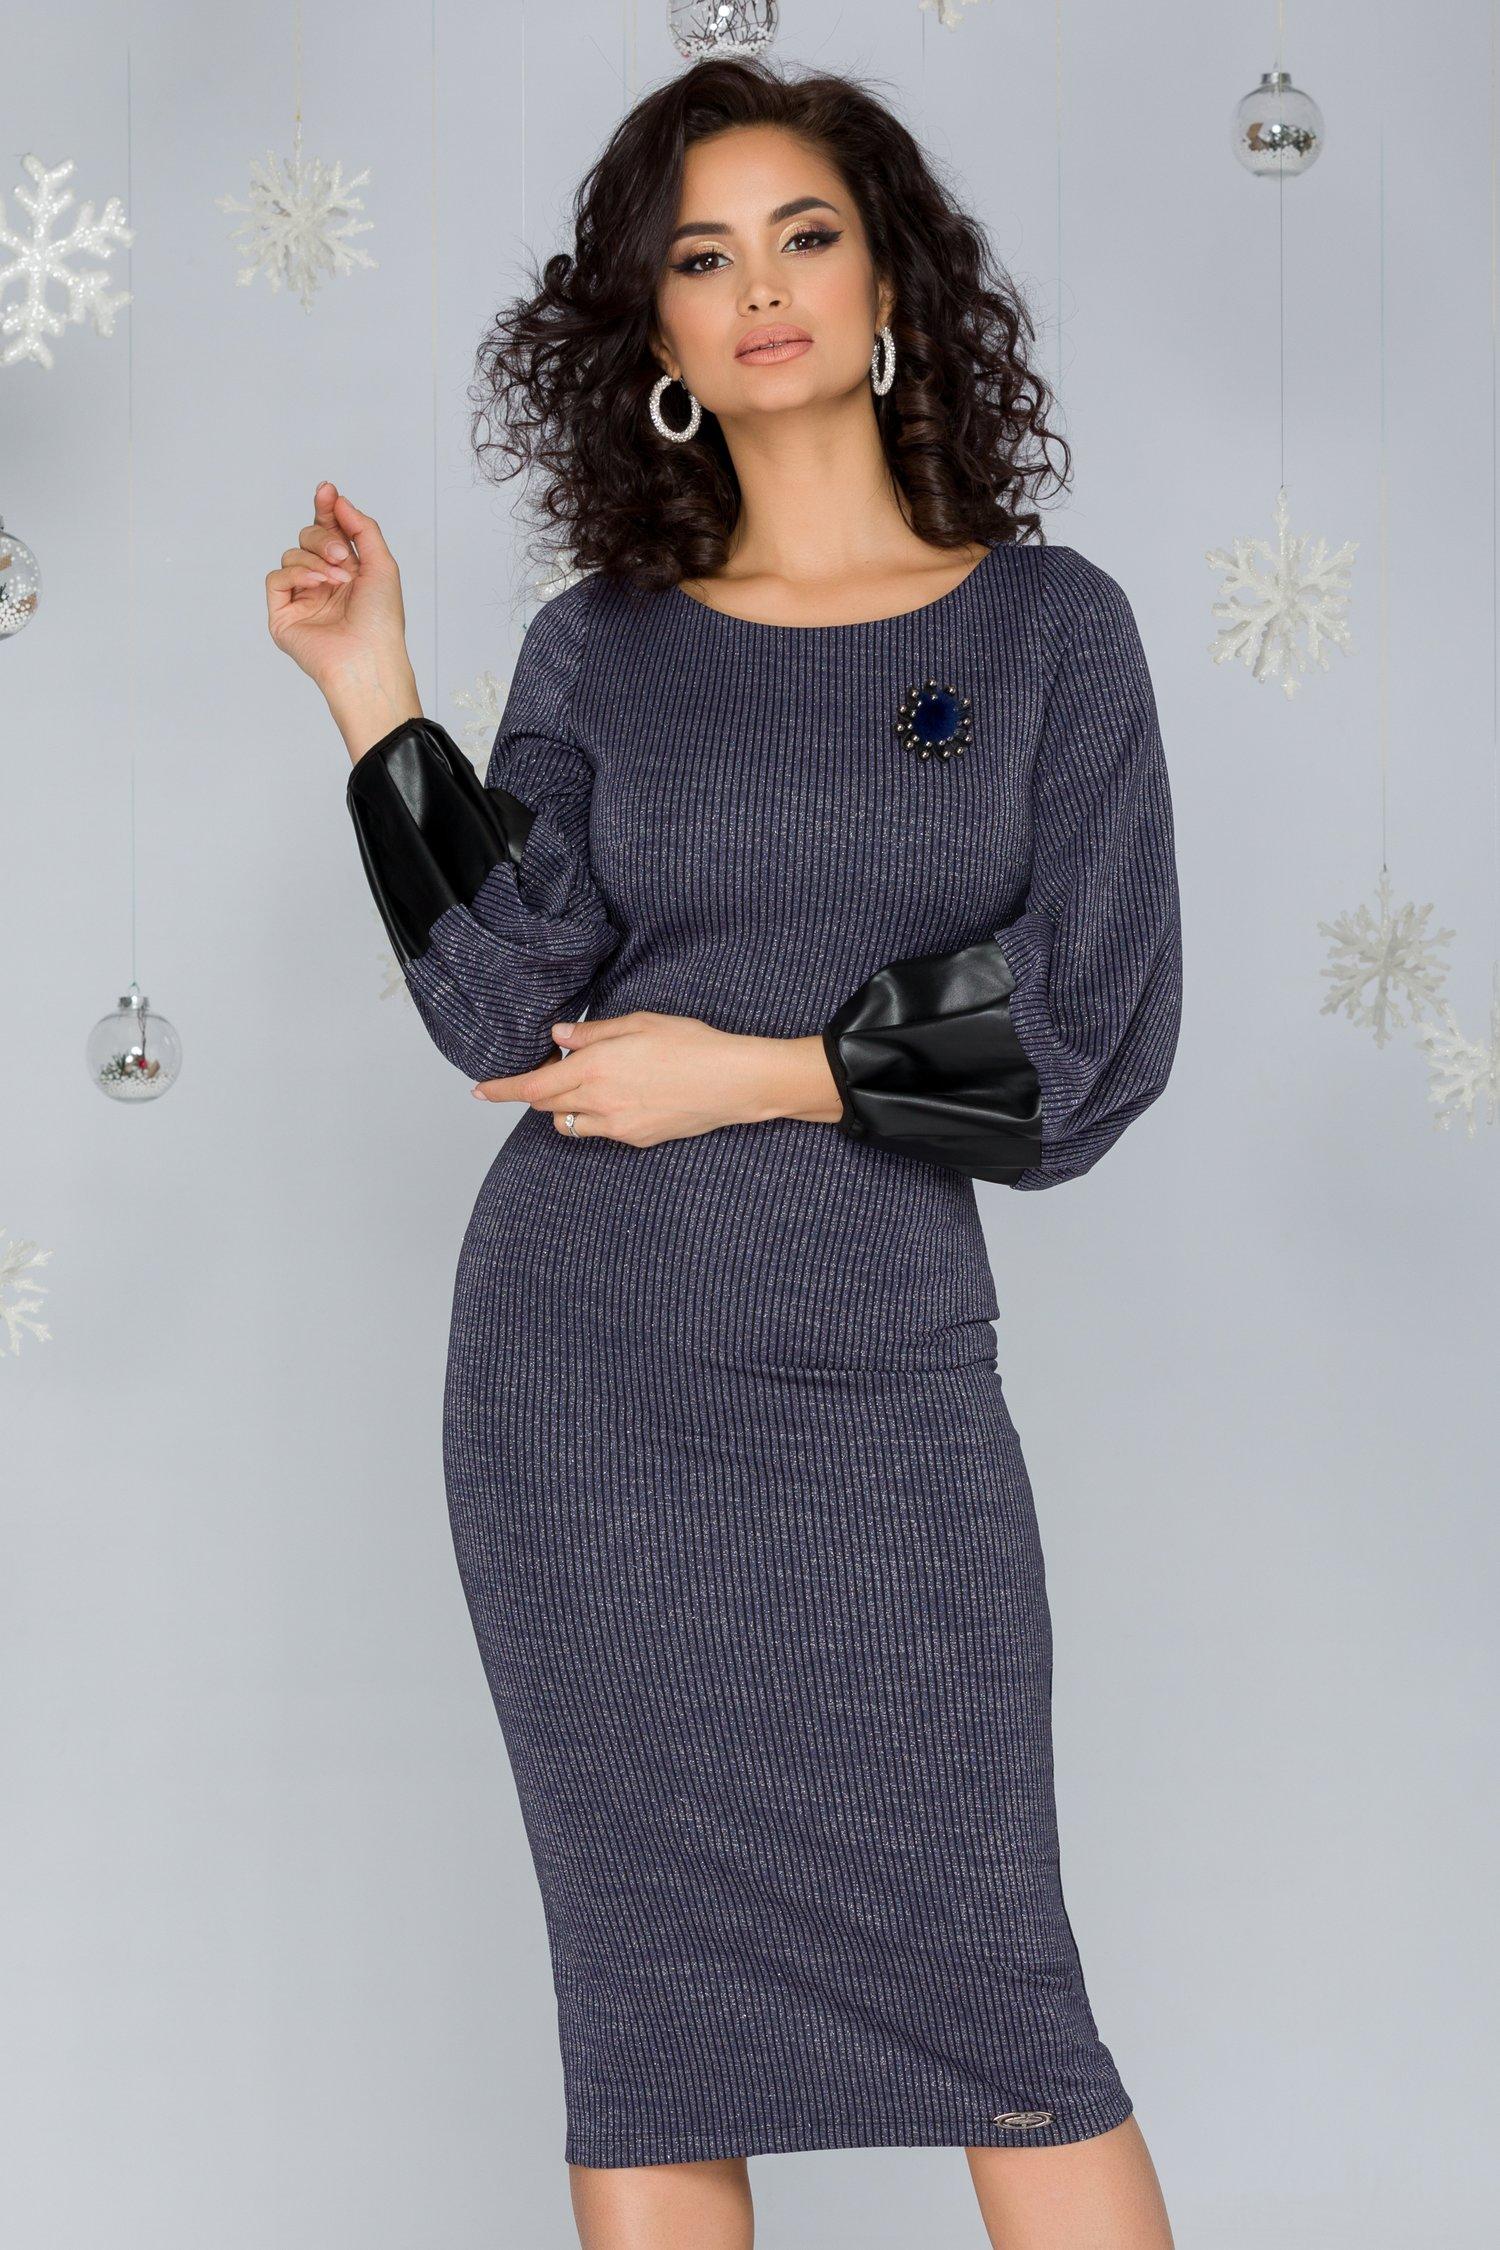 Rochie Kelly albastra cu fir lurex si dungi verticale negre